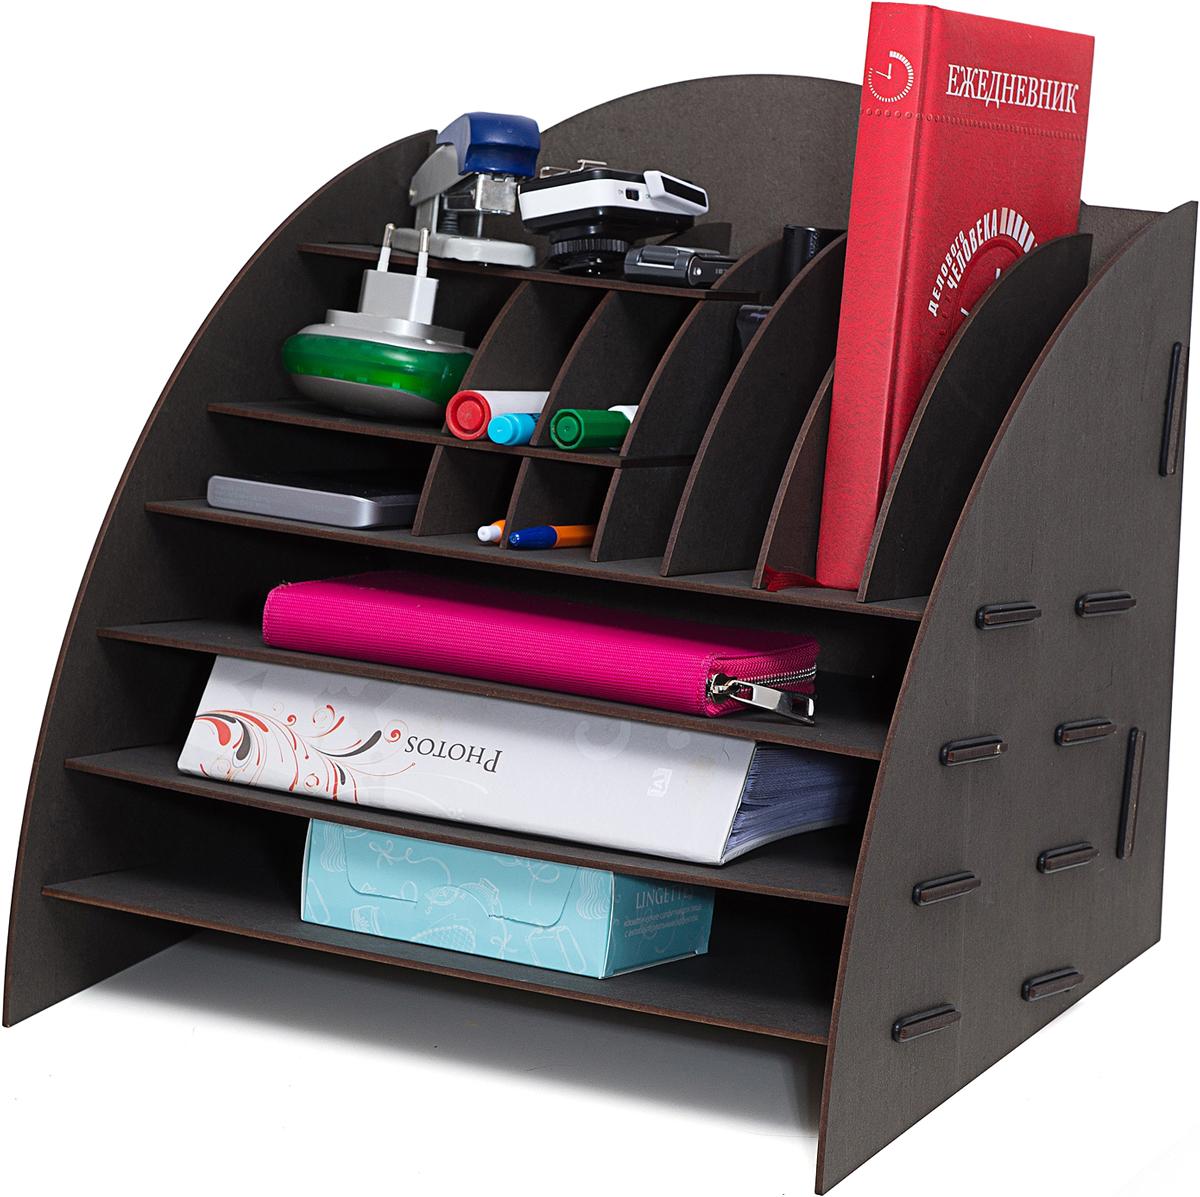 Органайзер на стол Homsu, 16 отделов, 35,5 х 32 х 34 смEXCELLENT 70021-1W CHROMEЭтот настольный органайзер просто незаменим на рабочем столе, он вместителен, его размеры впечатляют и в то же время он не занимает много места. Оригинальный дизайн дополнит интерьер дома и разбавит цвет в скучном сером офисе. Он изготовлен из МДФ и легко собирается из съемных частей. Имеет 3 больших отделения для хранения документов и множество ячеек для хранения канцелярских предметов и всяких мелочей.